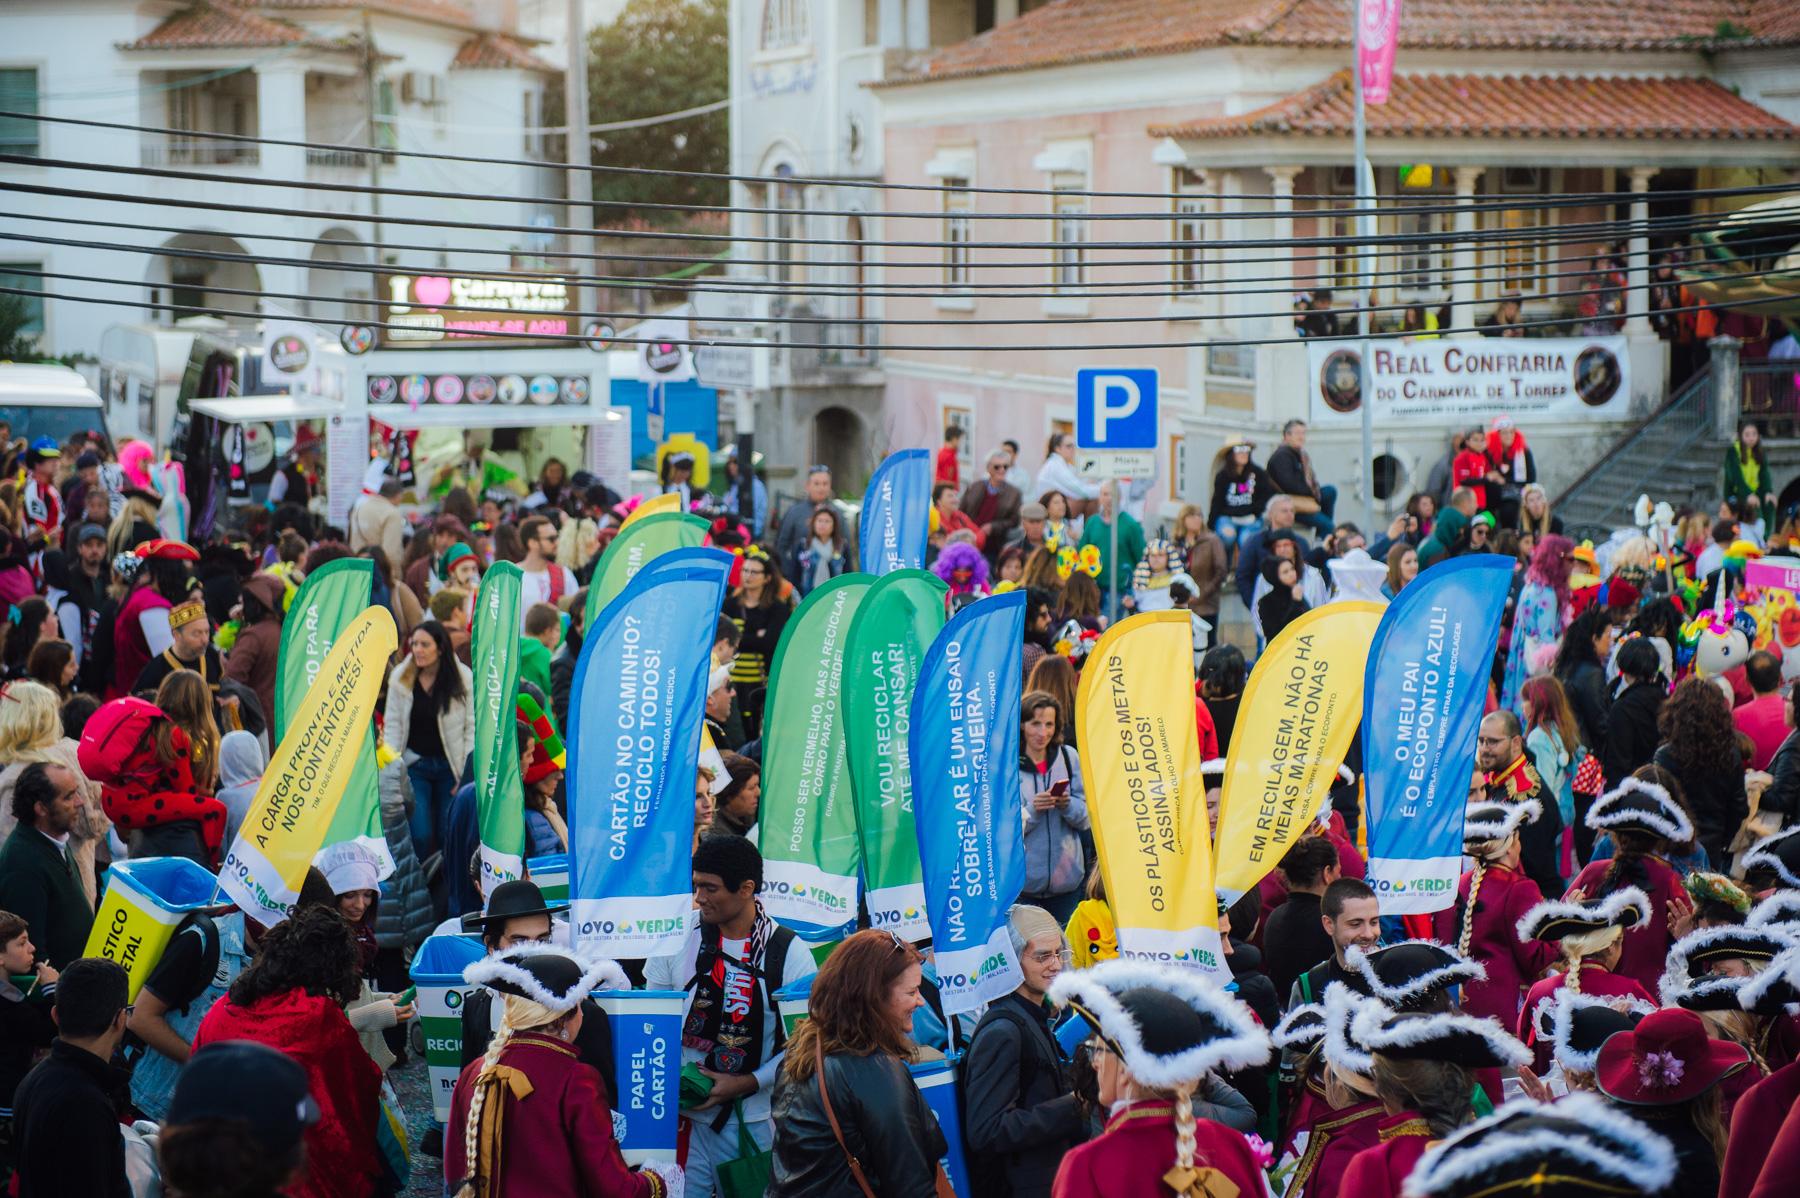 Novo Verde recolhe 6500 embalagens no Carnaval de Torres Vedras